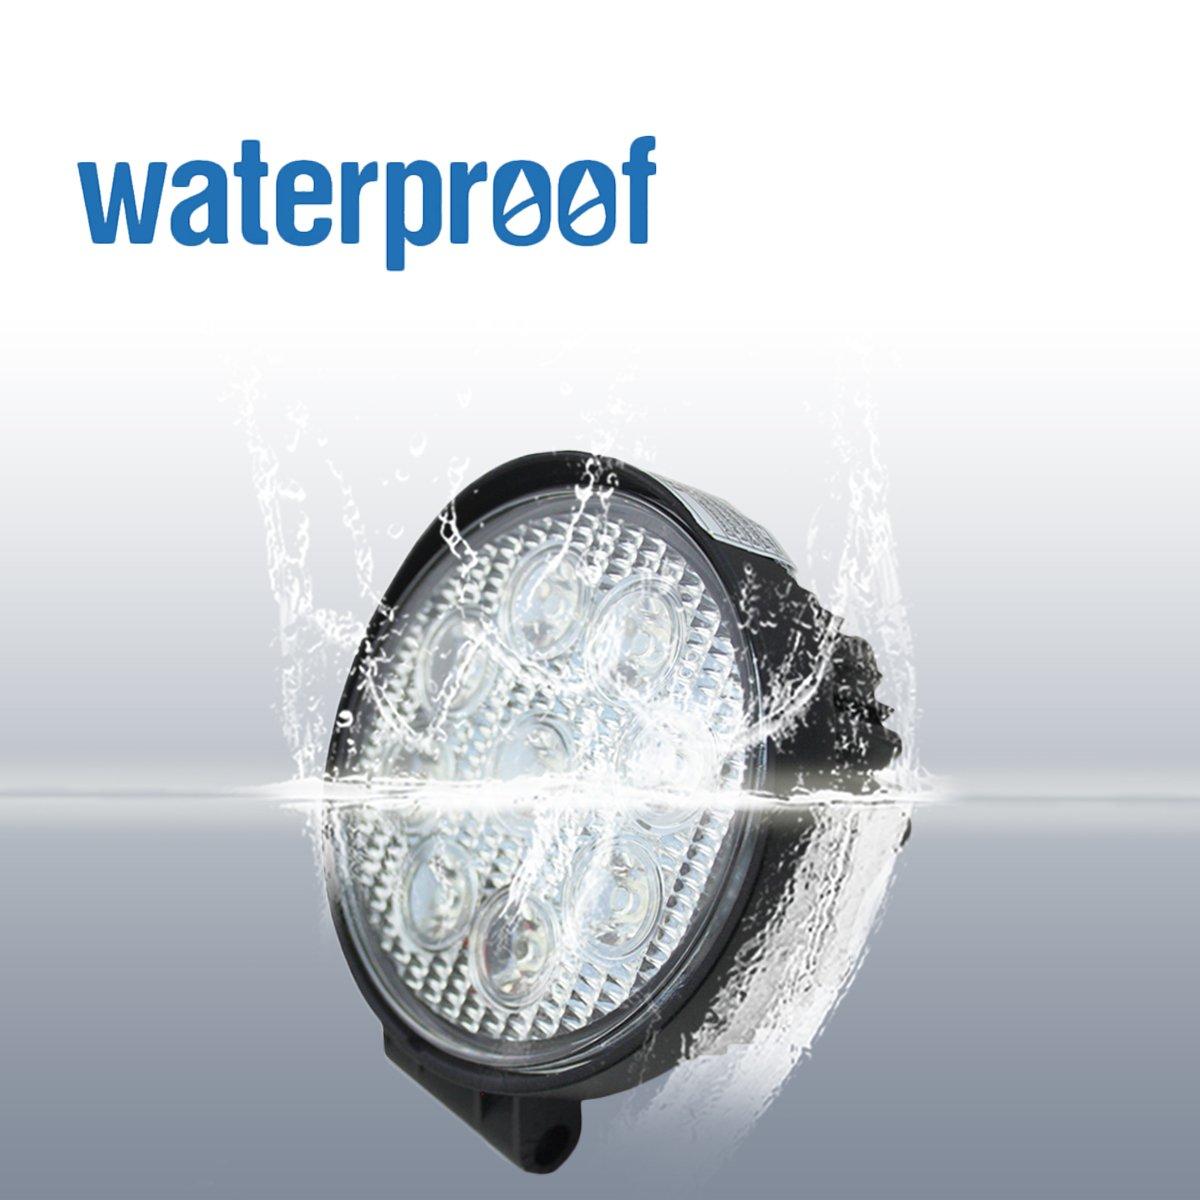 VINGO/® 27W LED Faros Proyector Luz Lampara de coche Luz Moto Para Tractor Camiones Coche Impermeable 4x 27w clase de energ/ía A ++